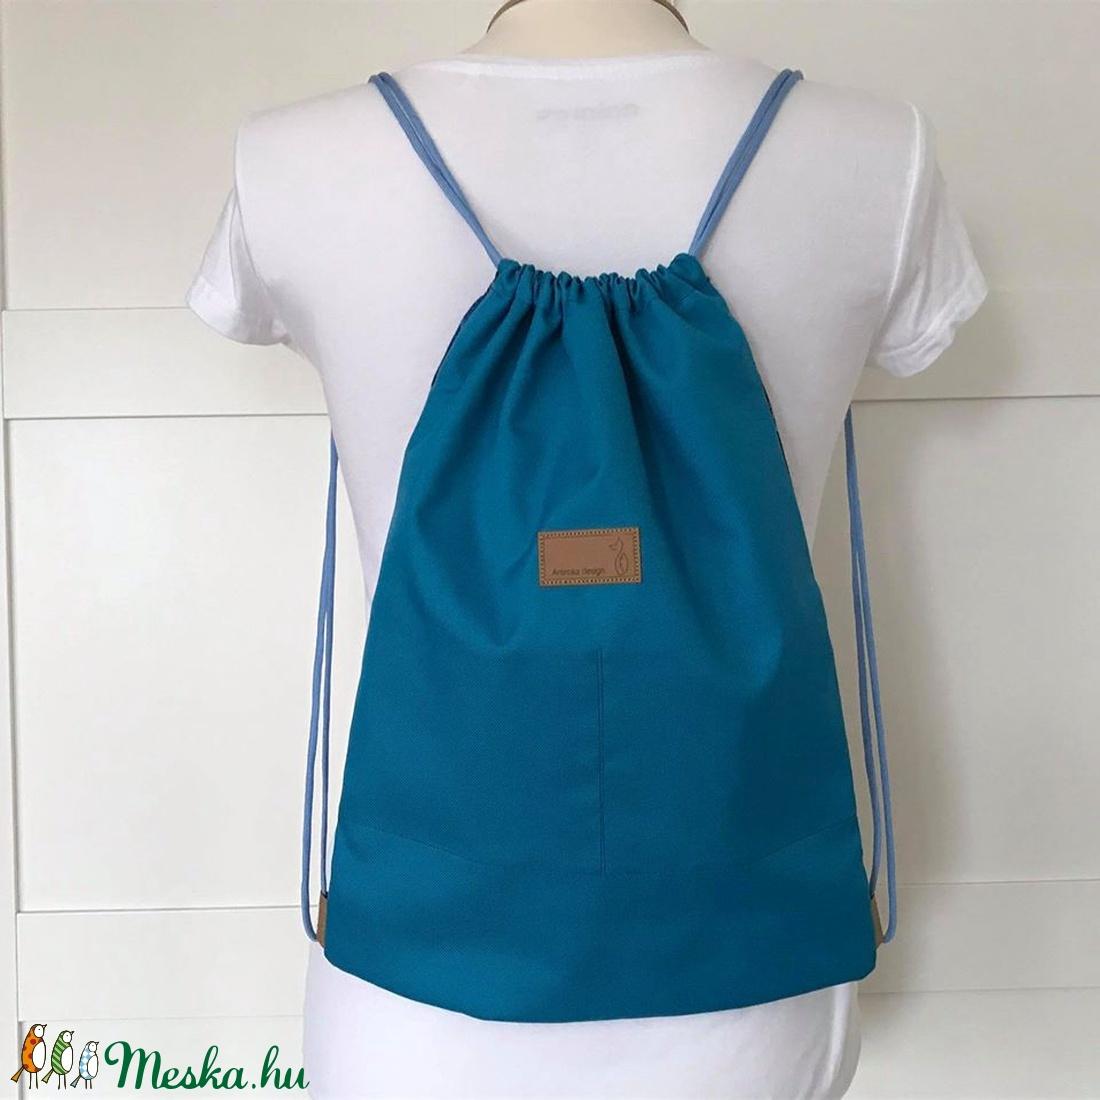 Kis herceg és a róka mintás gymbag hátizsák - Artiroka design  - ovi- és sulikezdés - tornazsák, gymbag - Meska.hu